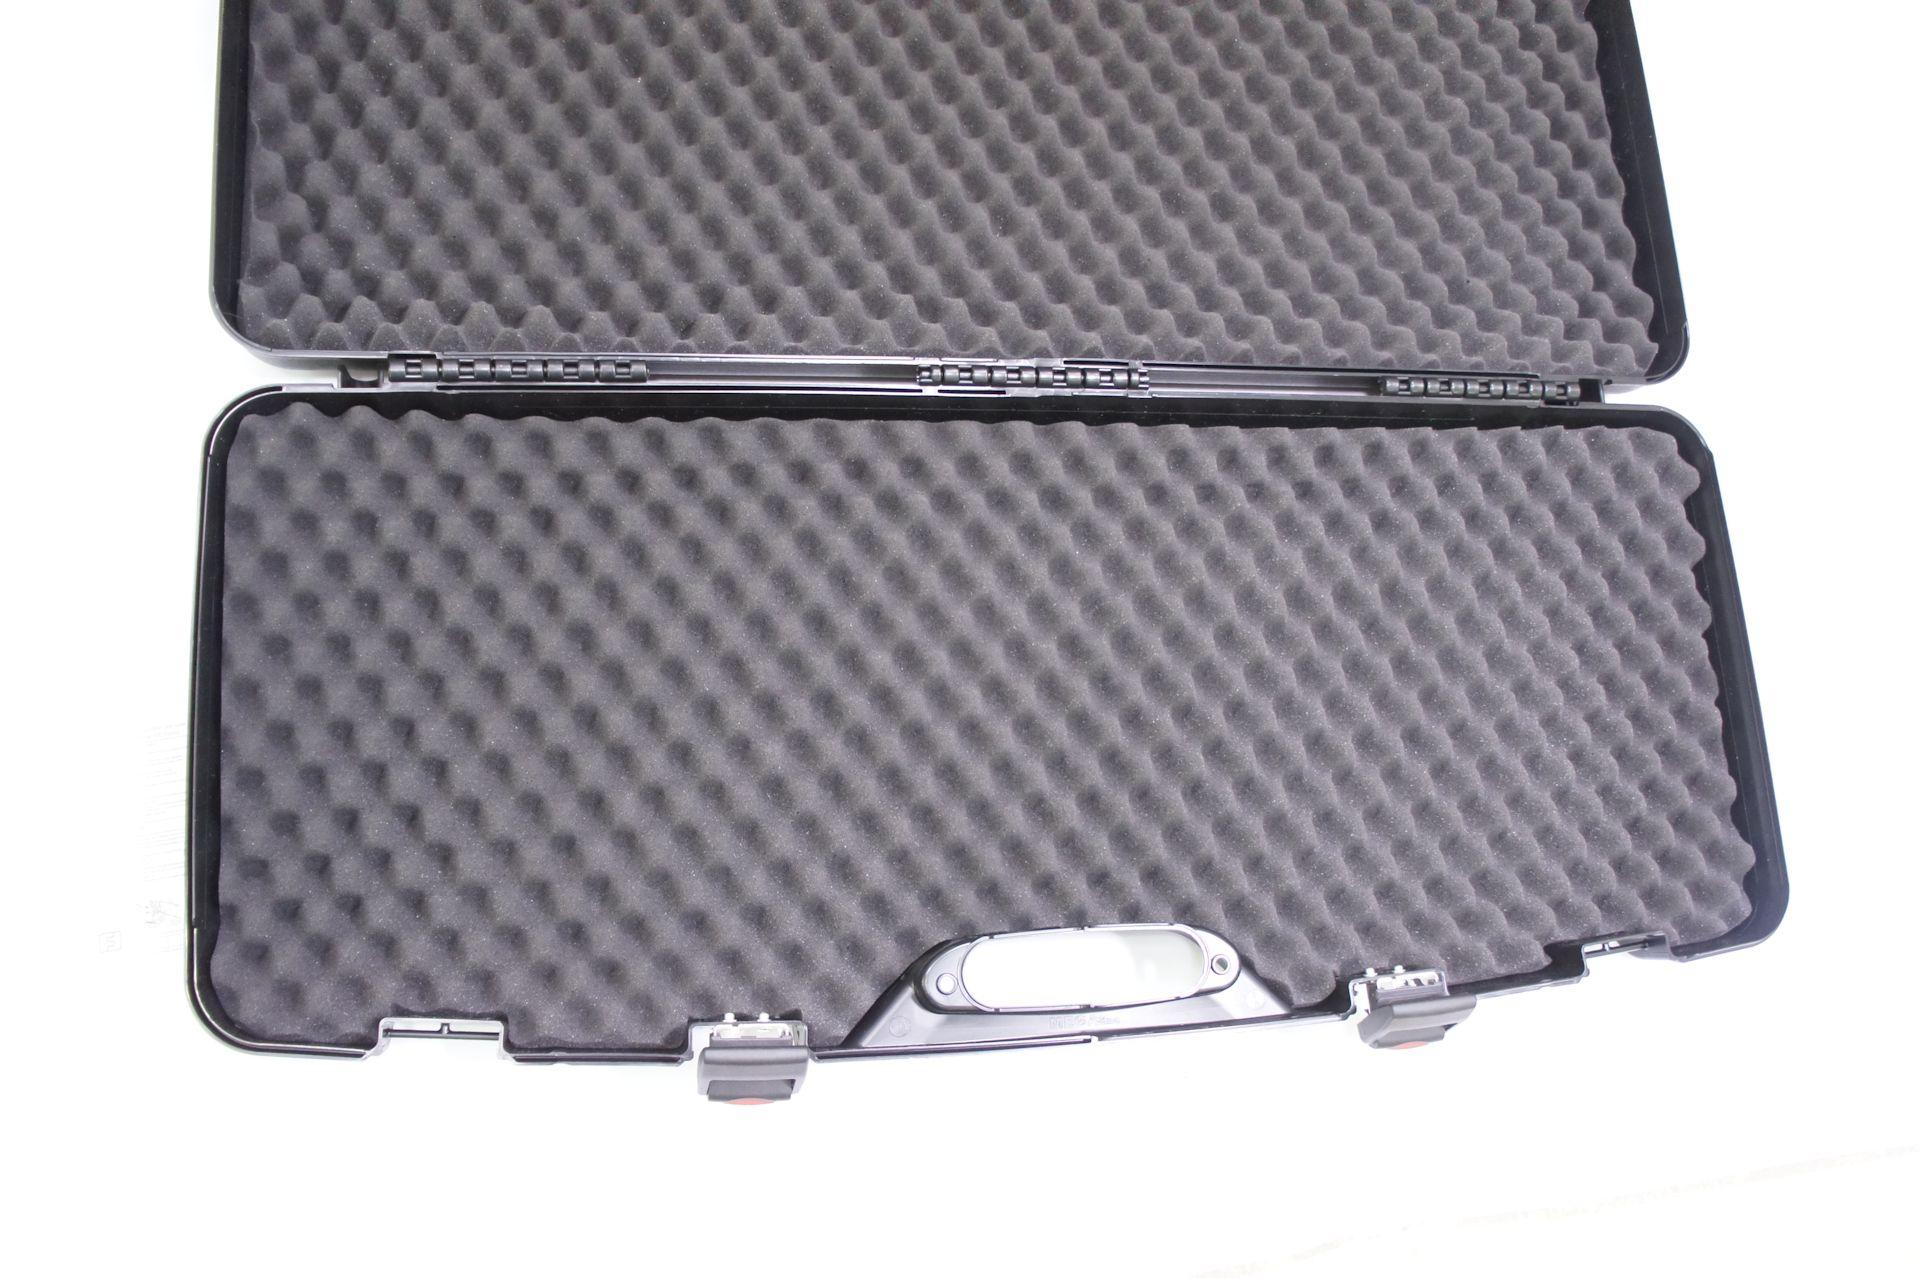 Der kurze Langwaffenkoffer aus wertigem schwarzem Kunststoff hat ein Noppenpolster für sicheren Halt